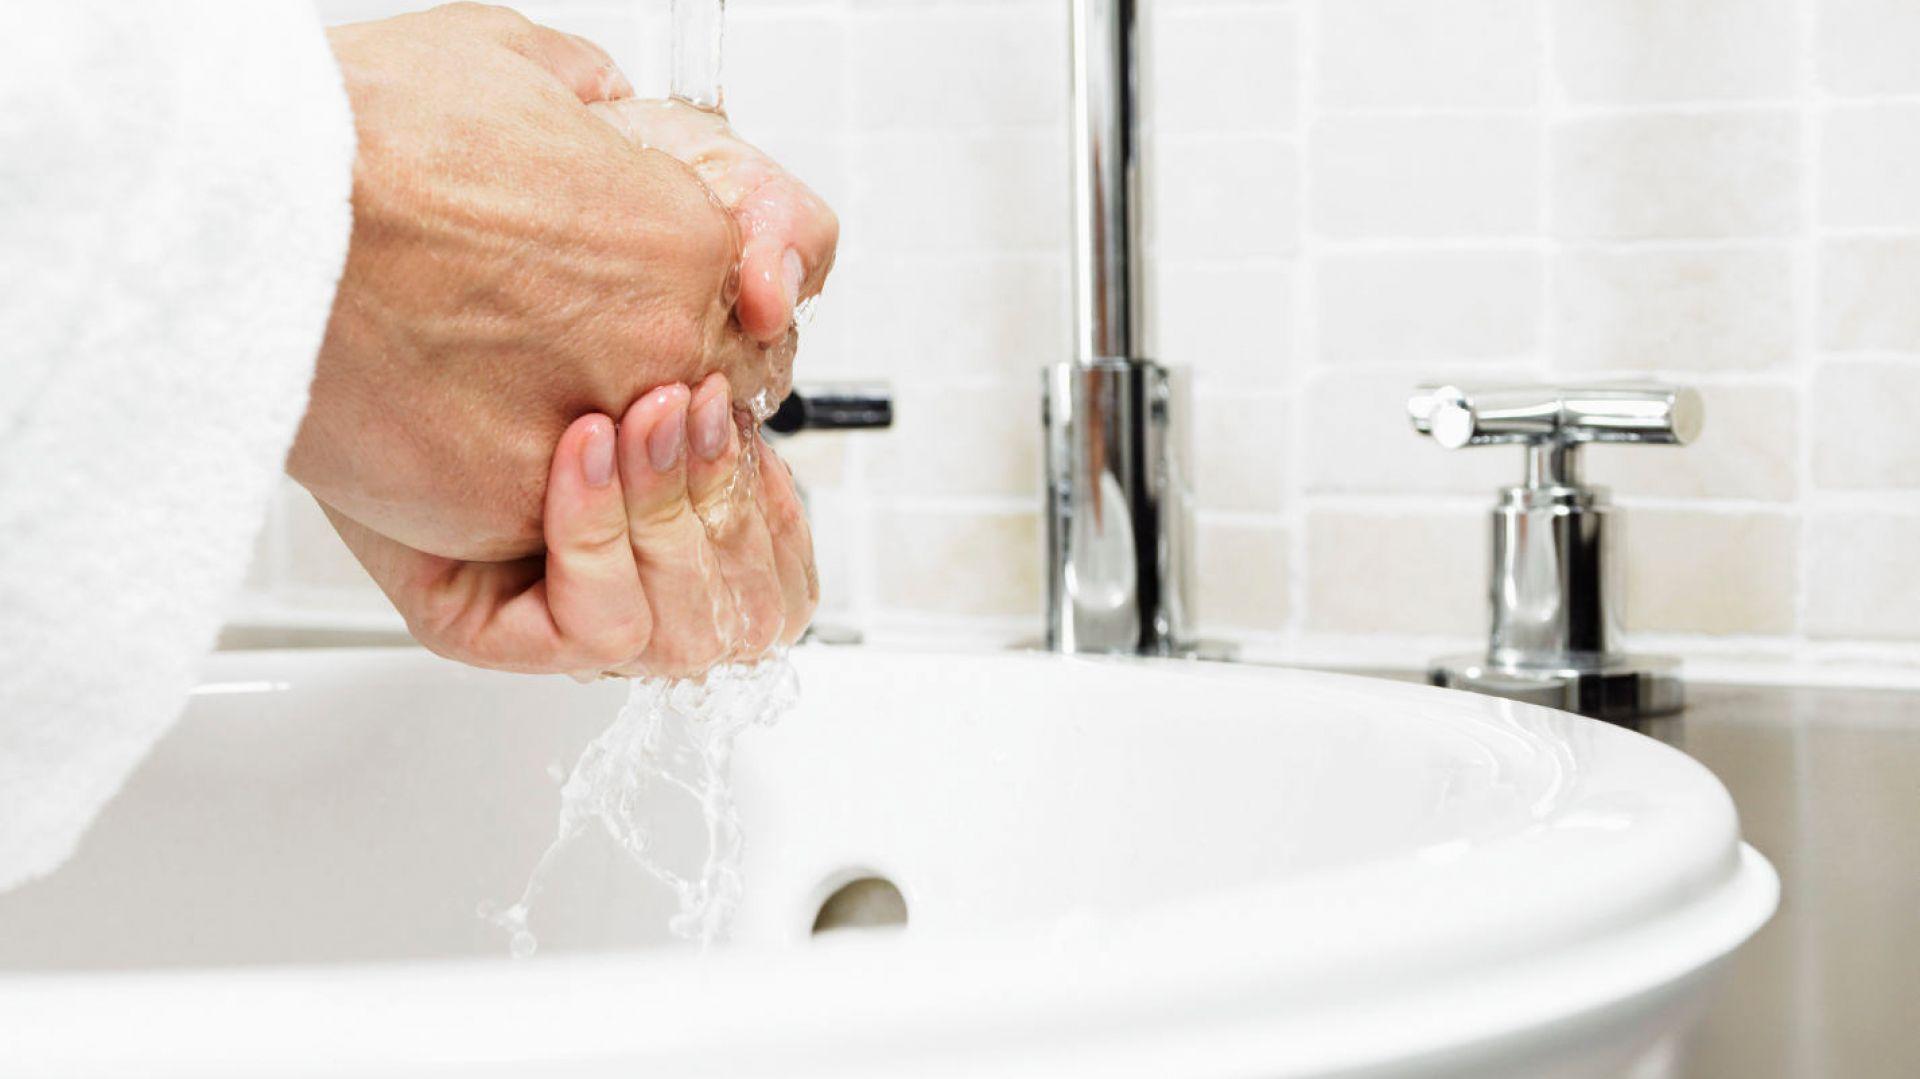 To przede wszystkim nasze praktyki i przyzwyczajenia mogą przesądzić o sporej miesięcznej oszczędności wody, a tym samym - obniżeniu ogólnych kosztów związanych z wykorzystywaniem jej w gospodarstwie domowym. Fot. Fotochanell